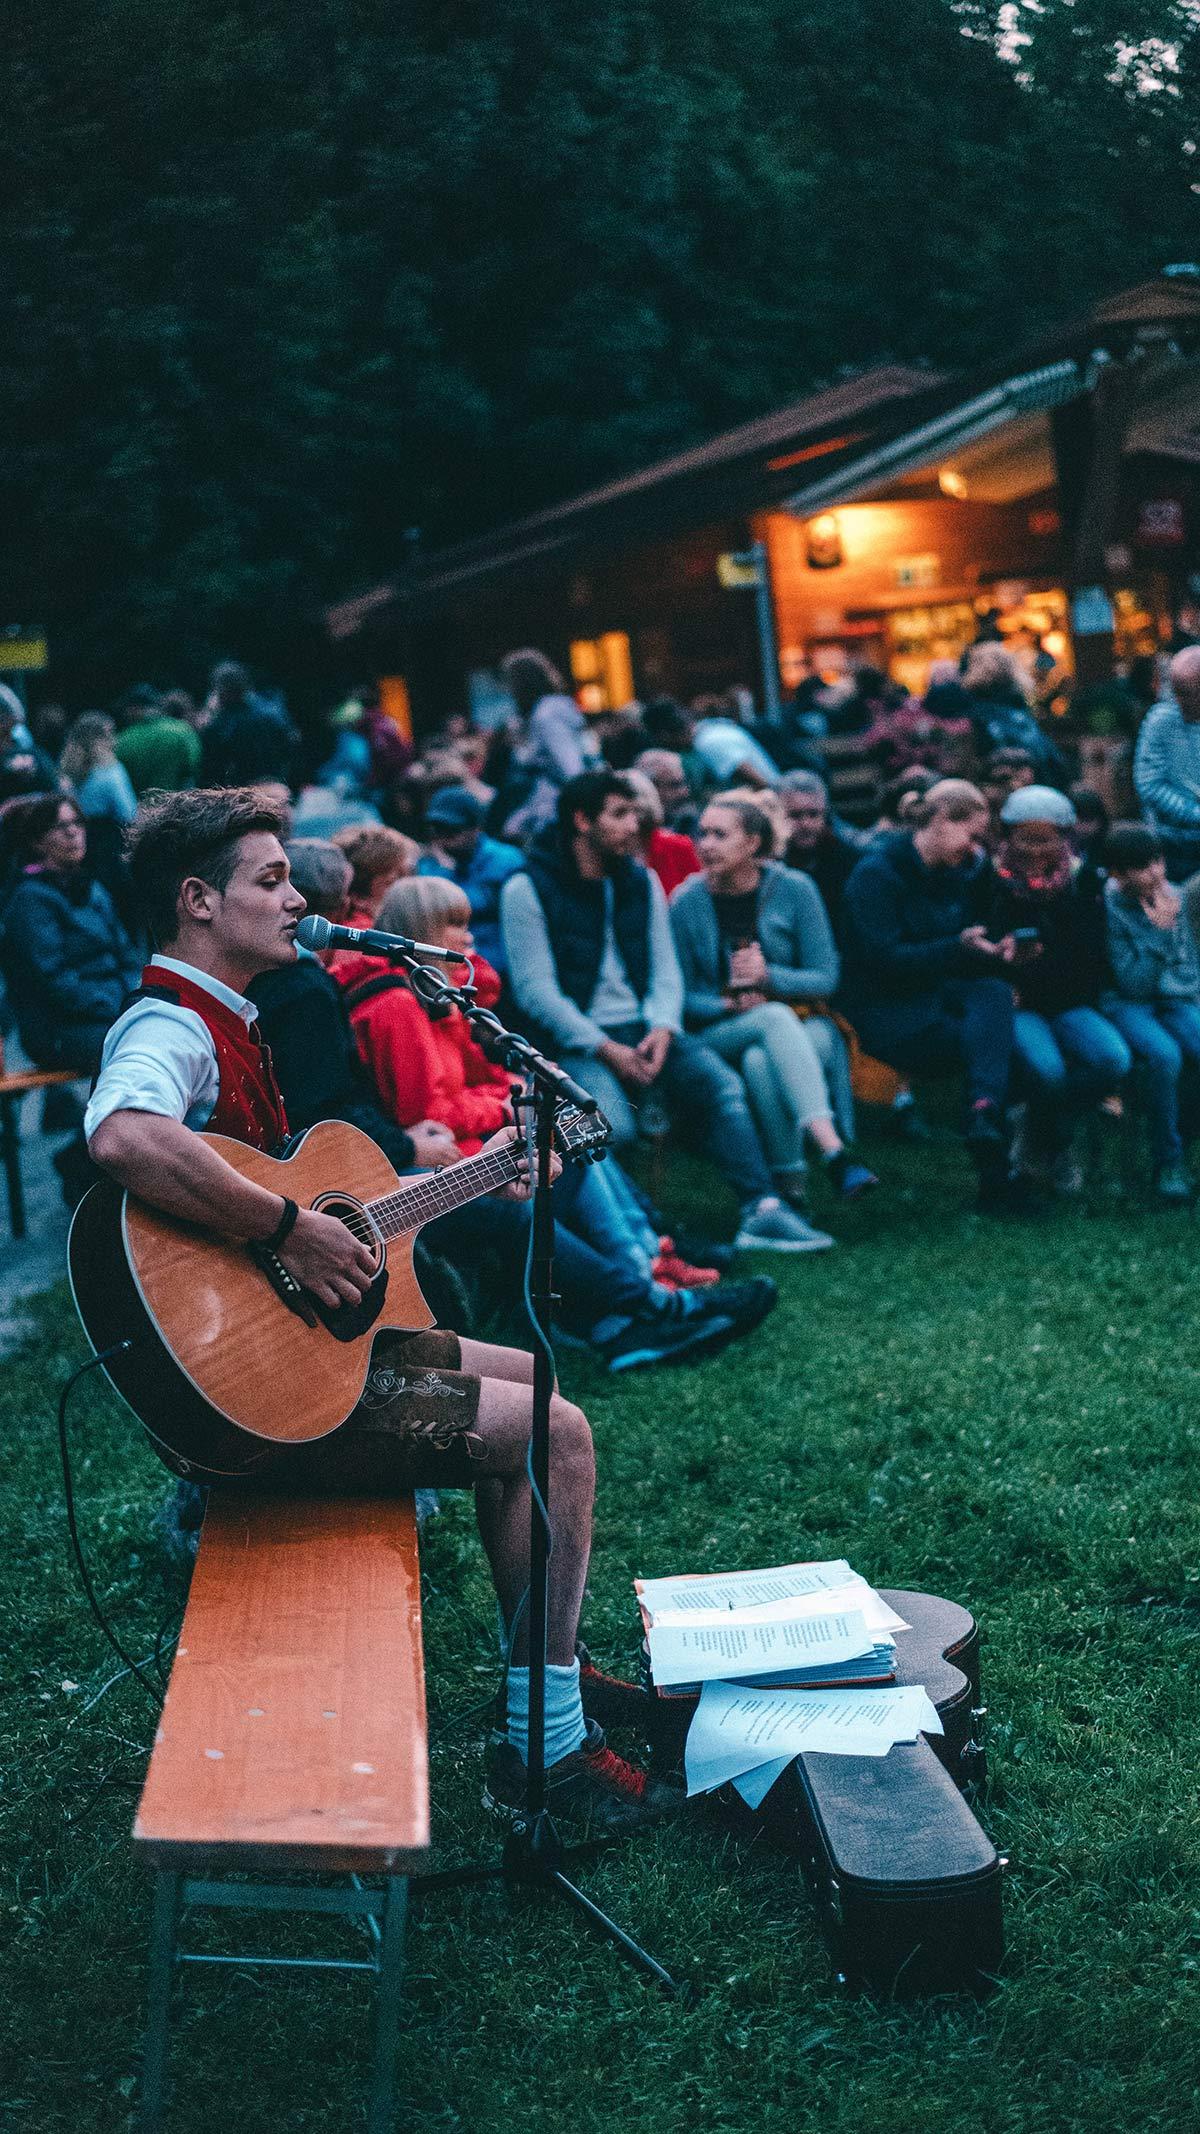 Sigmund Thun Klamm Lagerfeuer und Musik